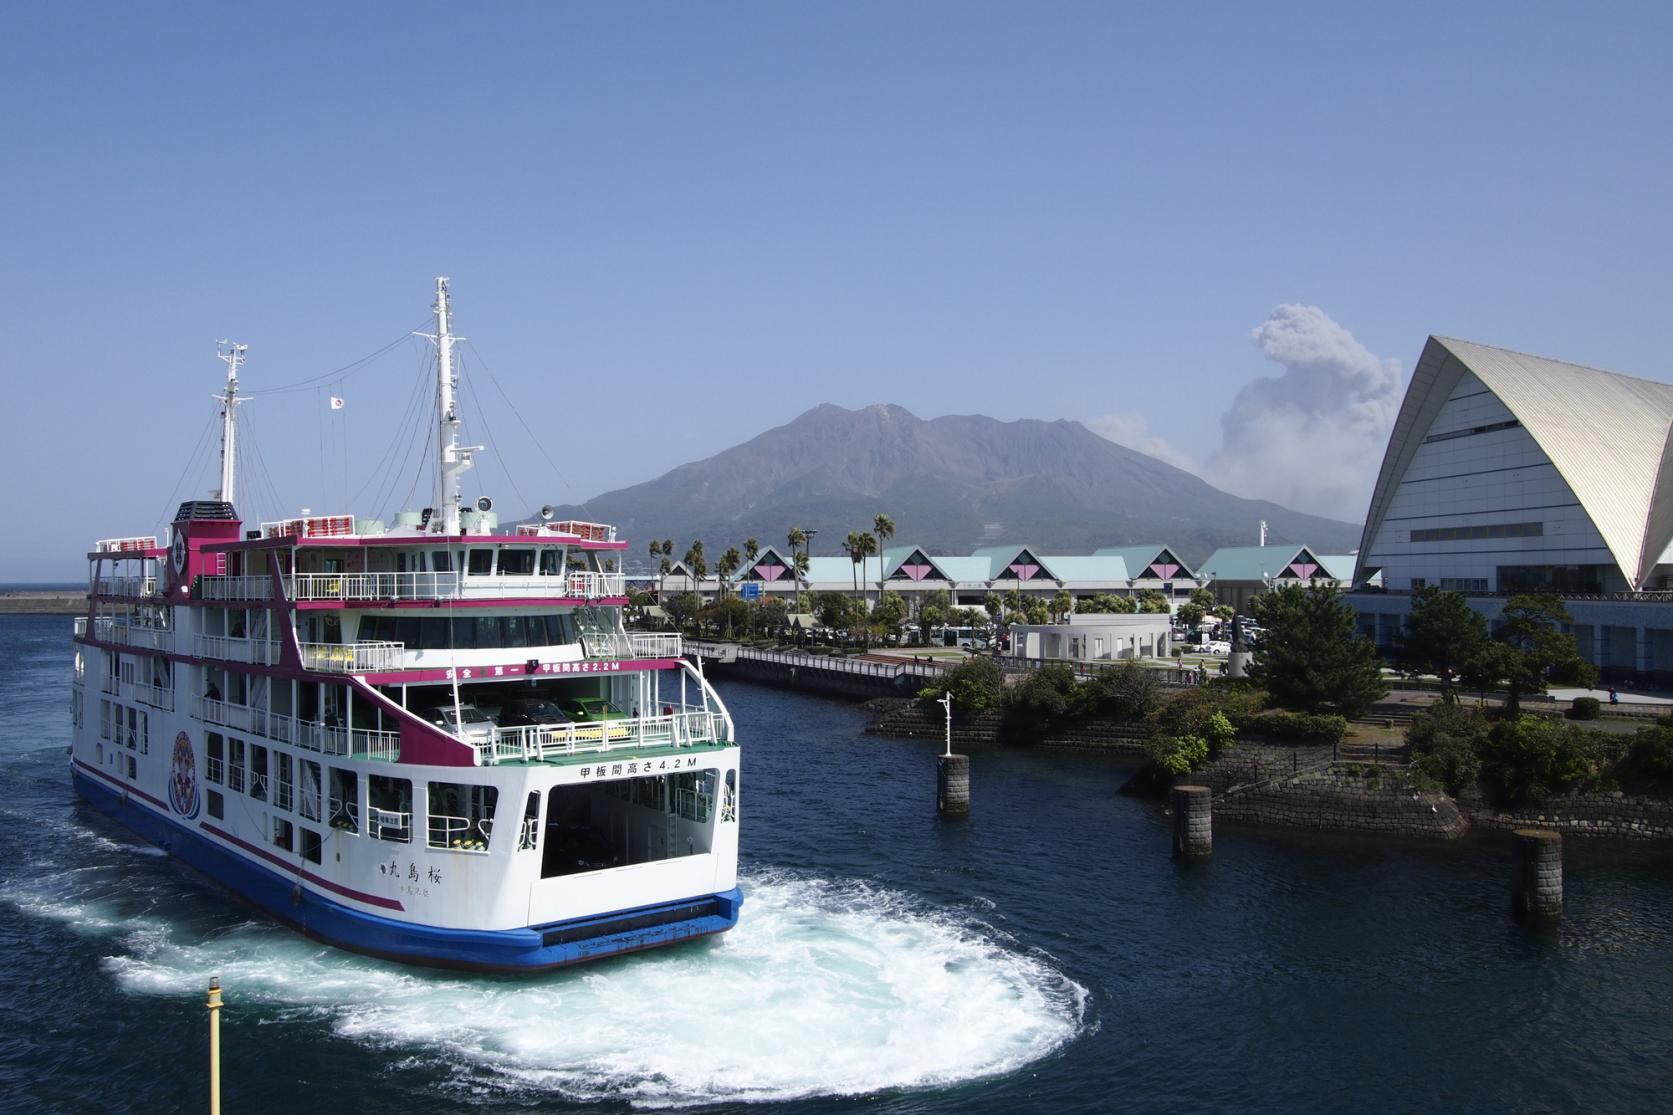 桜島に足をのばすなら さらにお得な「CUTE(キュート)」がおすすめ-1